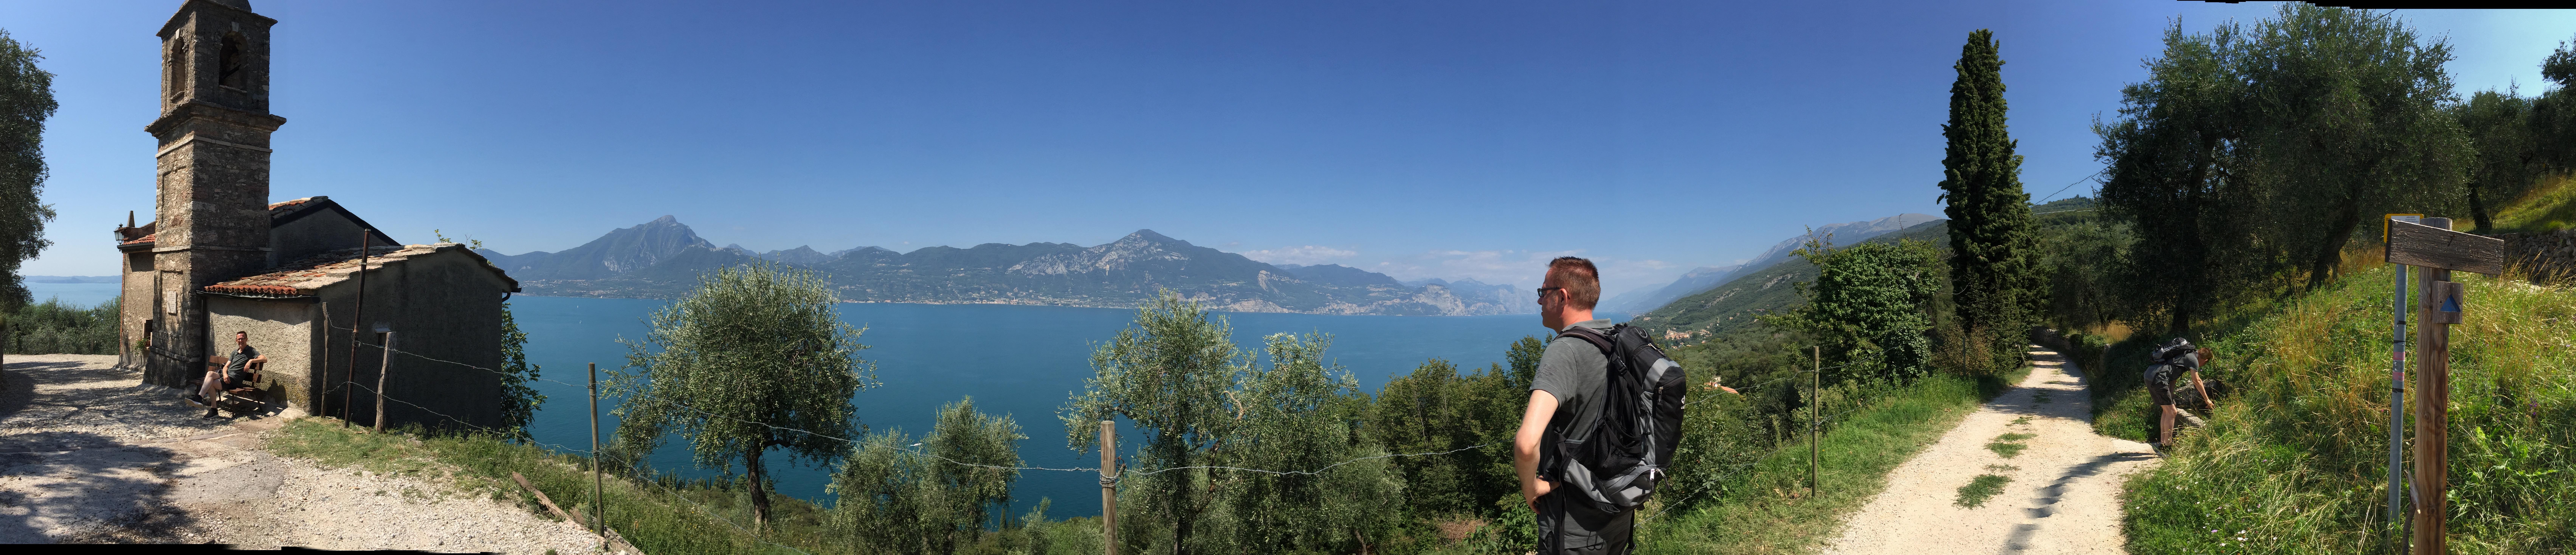 Bessere Panorama-Fotos mit dem Apple iPhone aufnehmen Panorama mit einer Person mehrfach